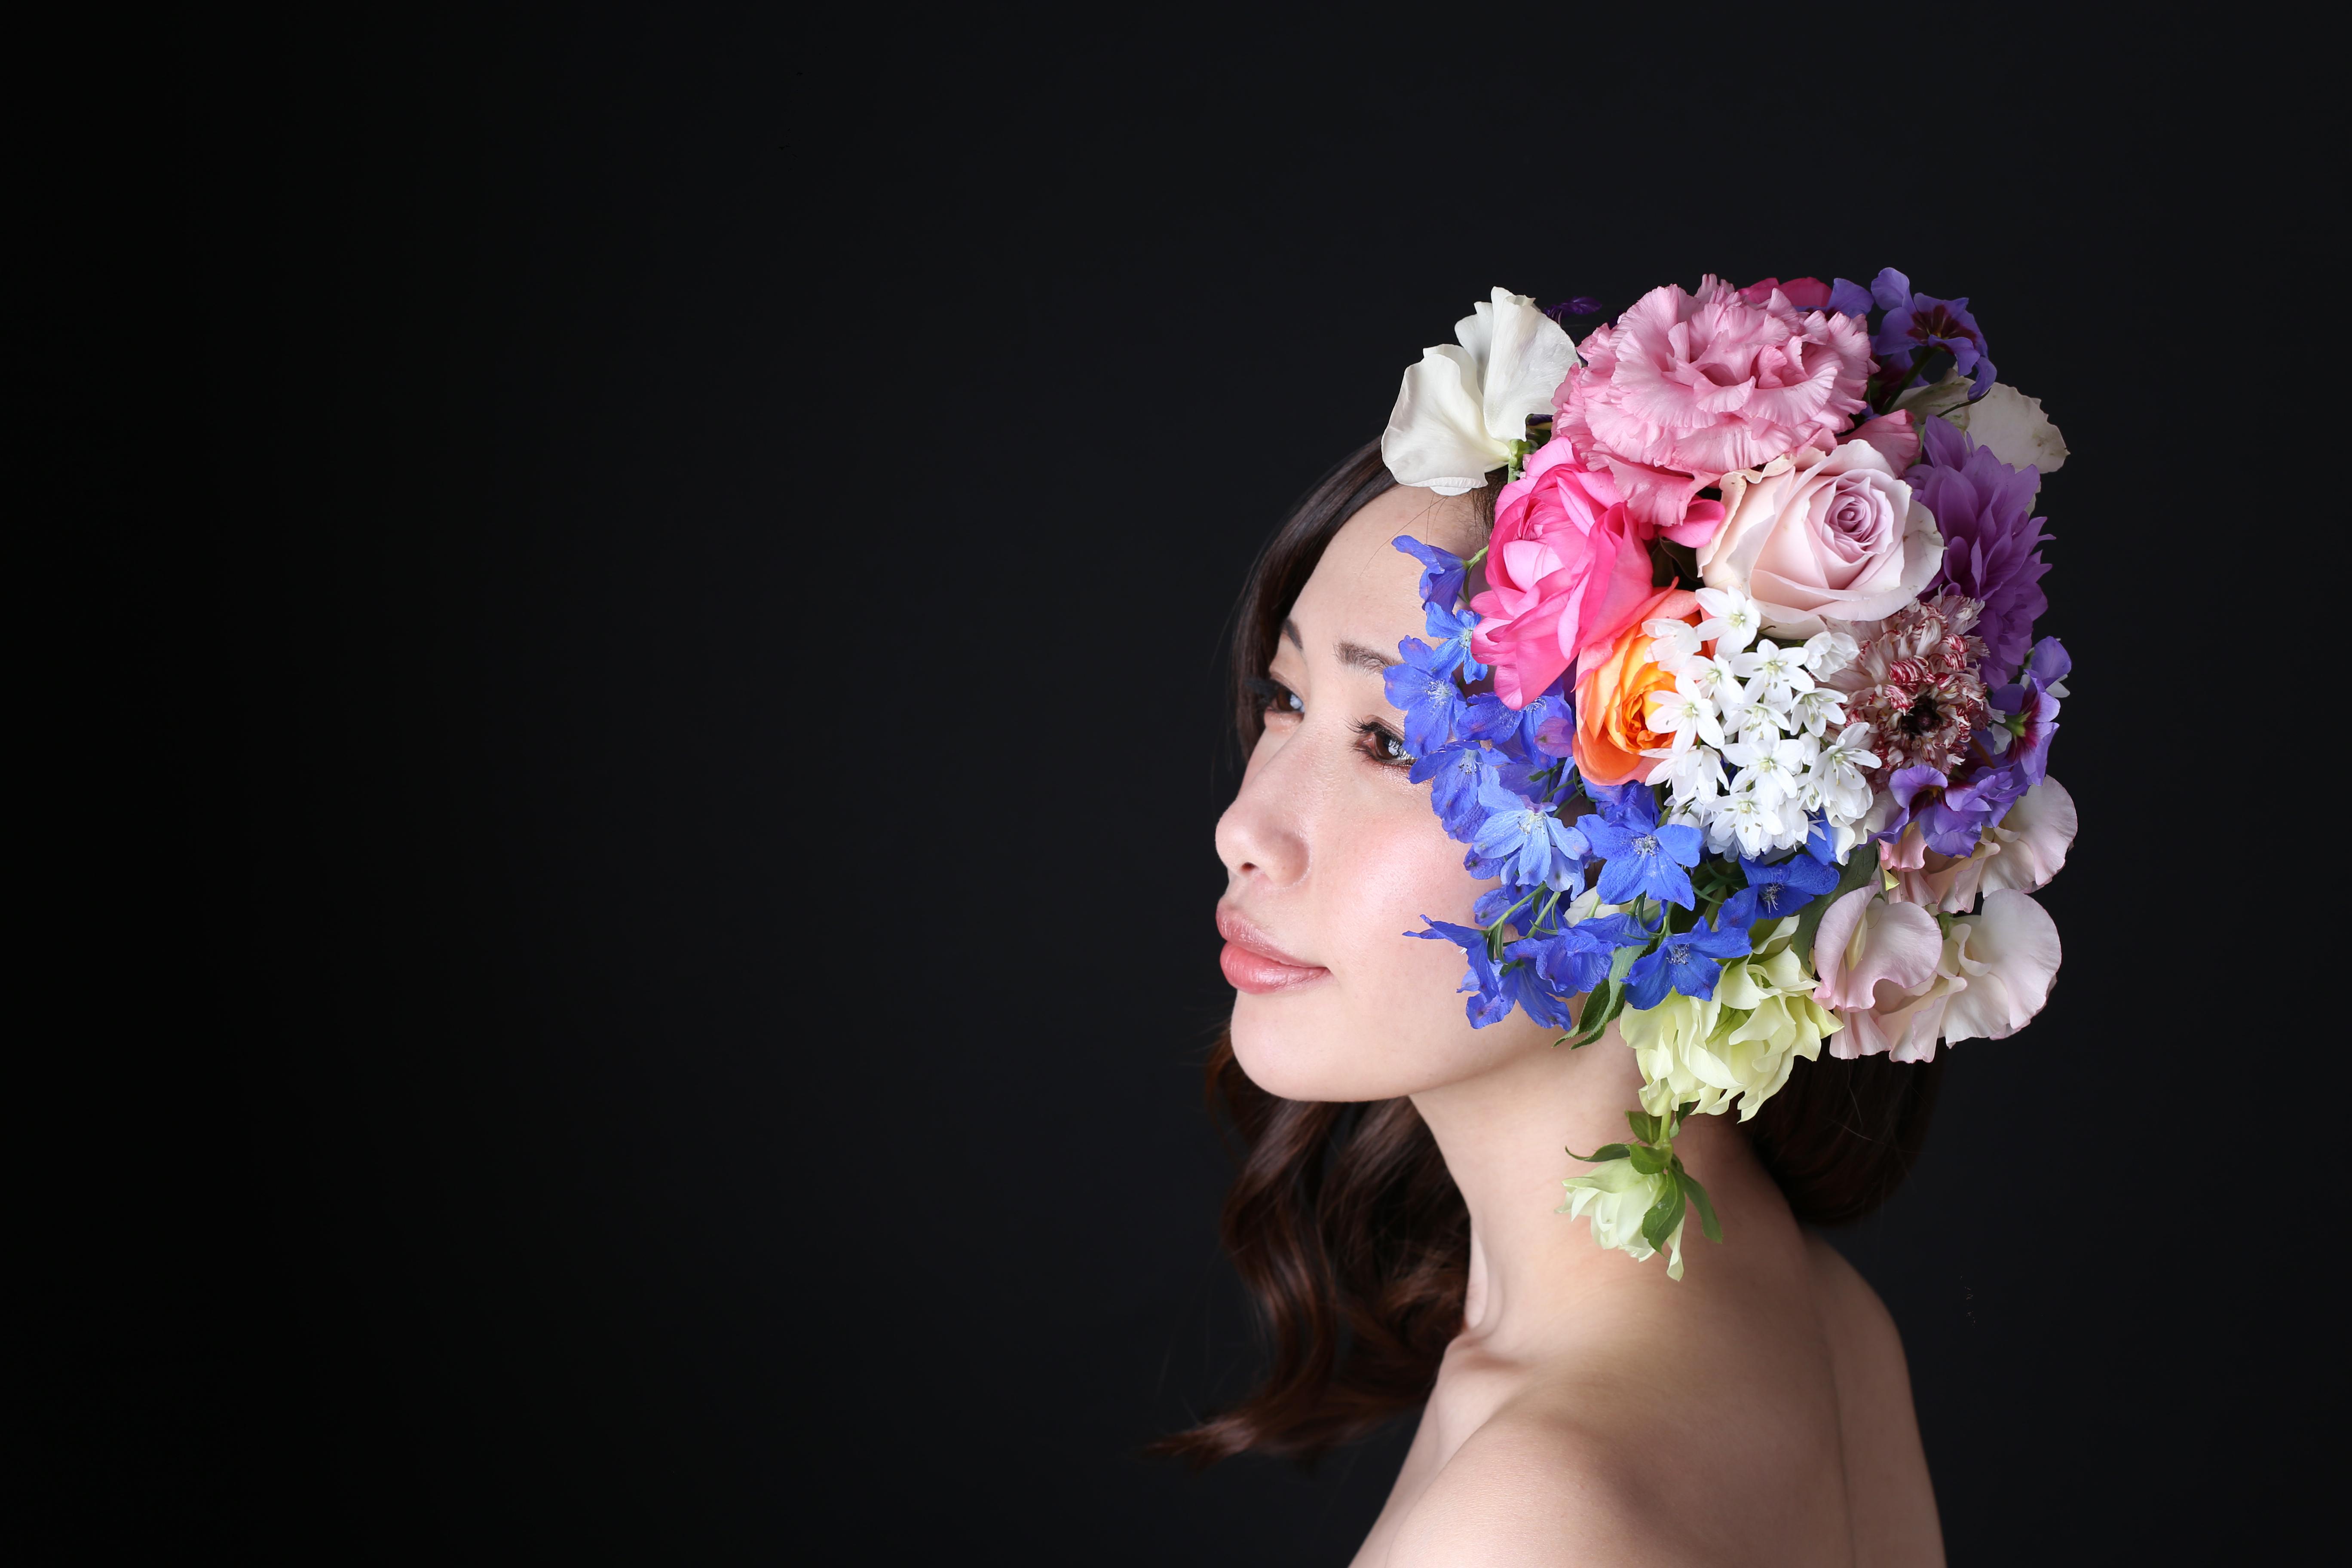 頭に花を盛れる贅沢体験とは?「HANANINGEN」であなただけの一枚を。 - 22